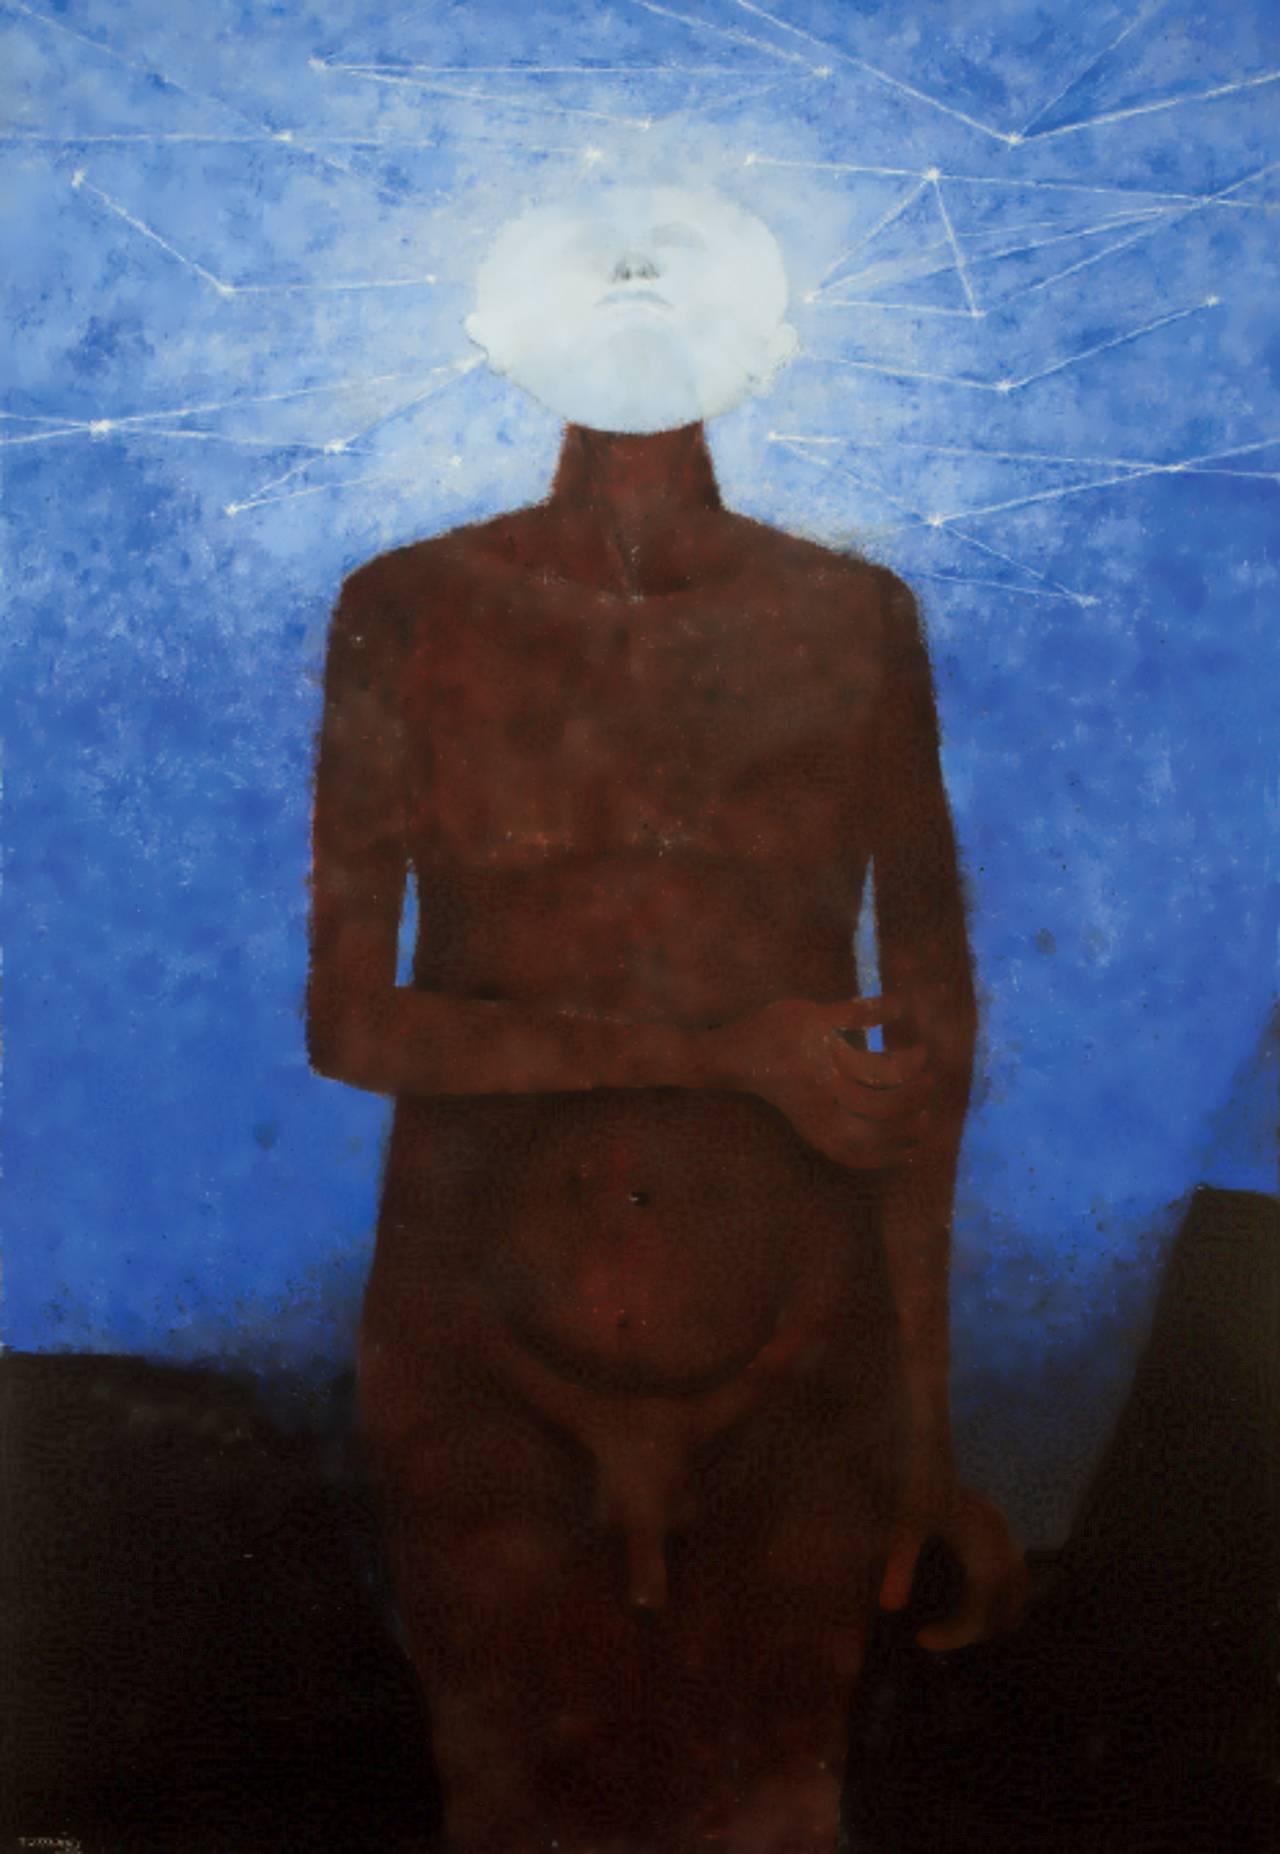 El Iluminado (1982), Rufino Tamayo, Óleo sobre tela 215 x 142 cm, Colección particular: © D.R. Rufino Tamayo / Herederos / México / 2017 / Fundación Olga y Rufino Tamayo, A.C.